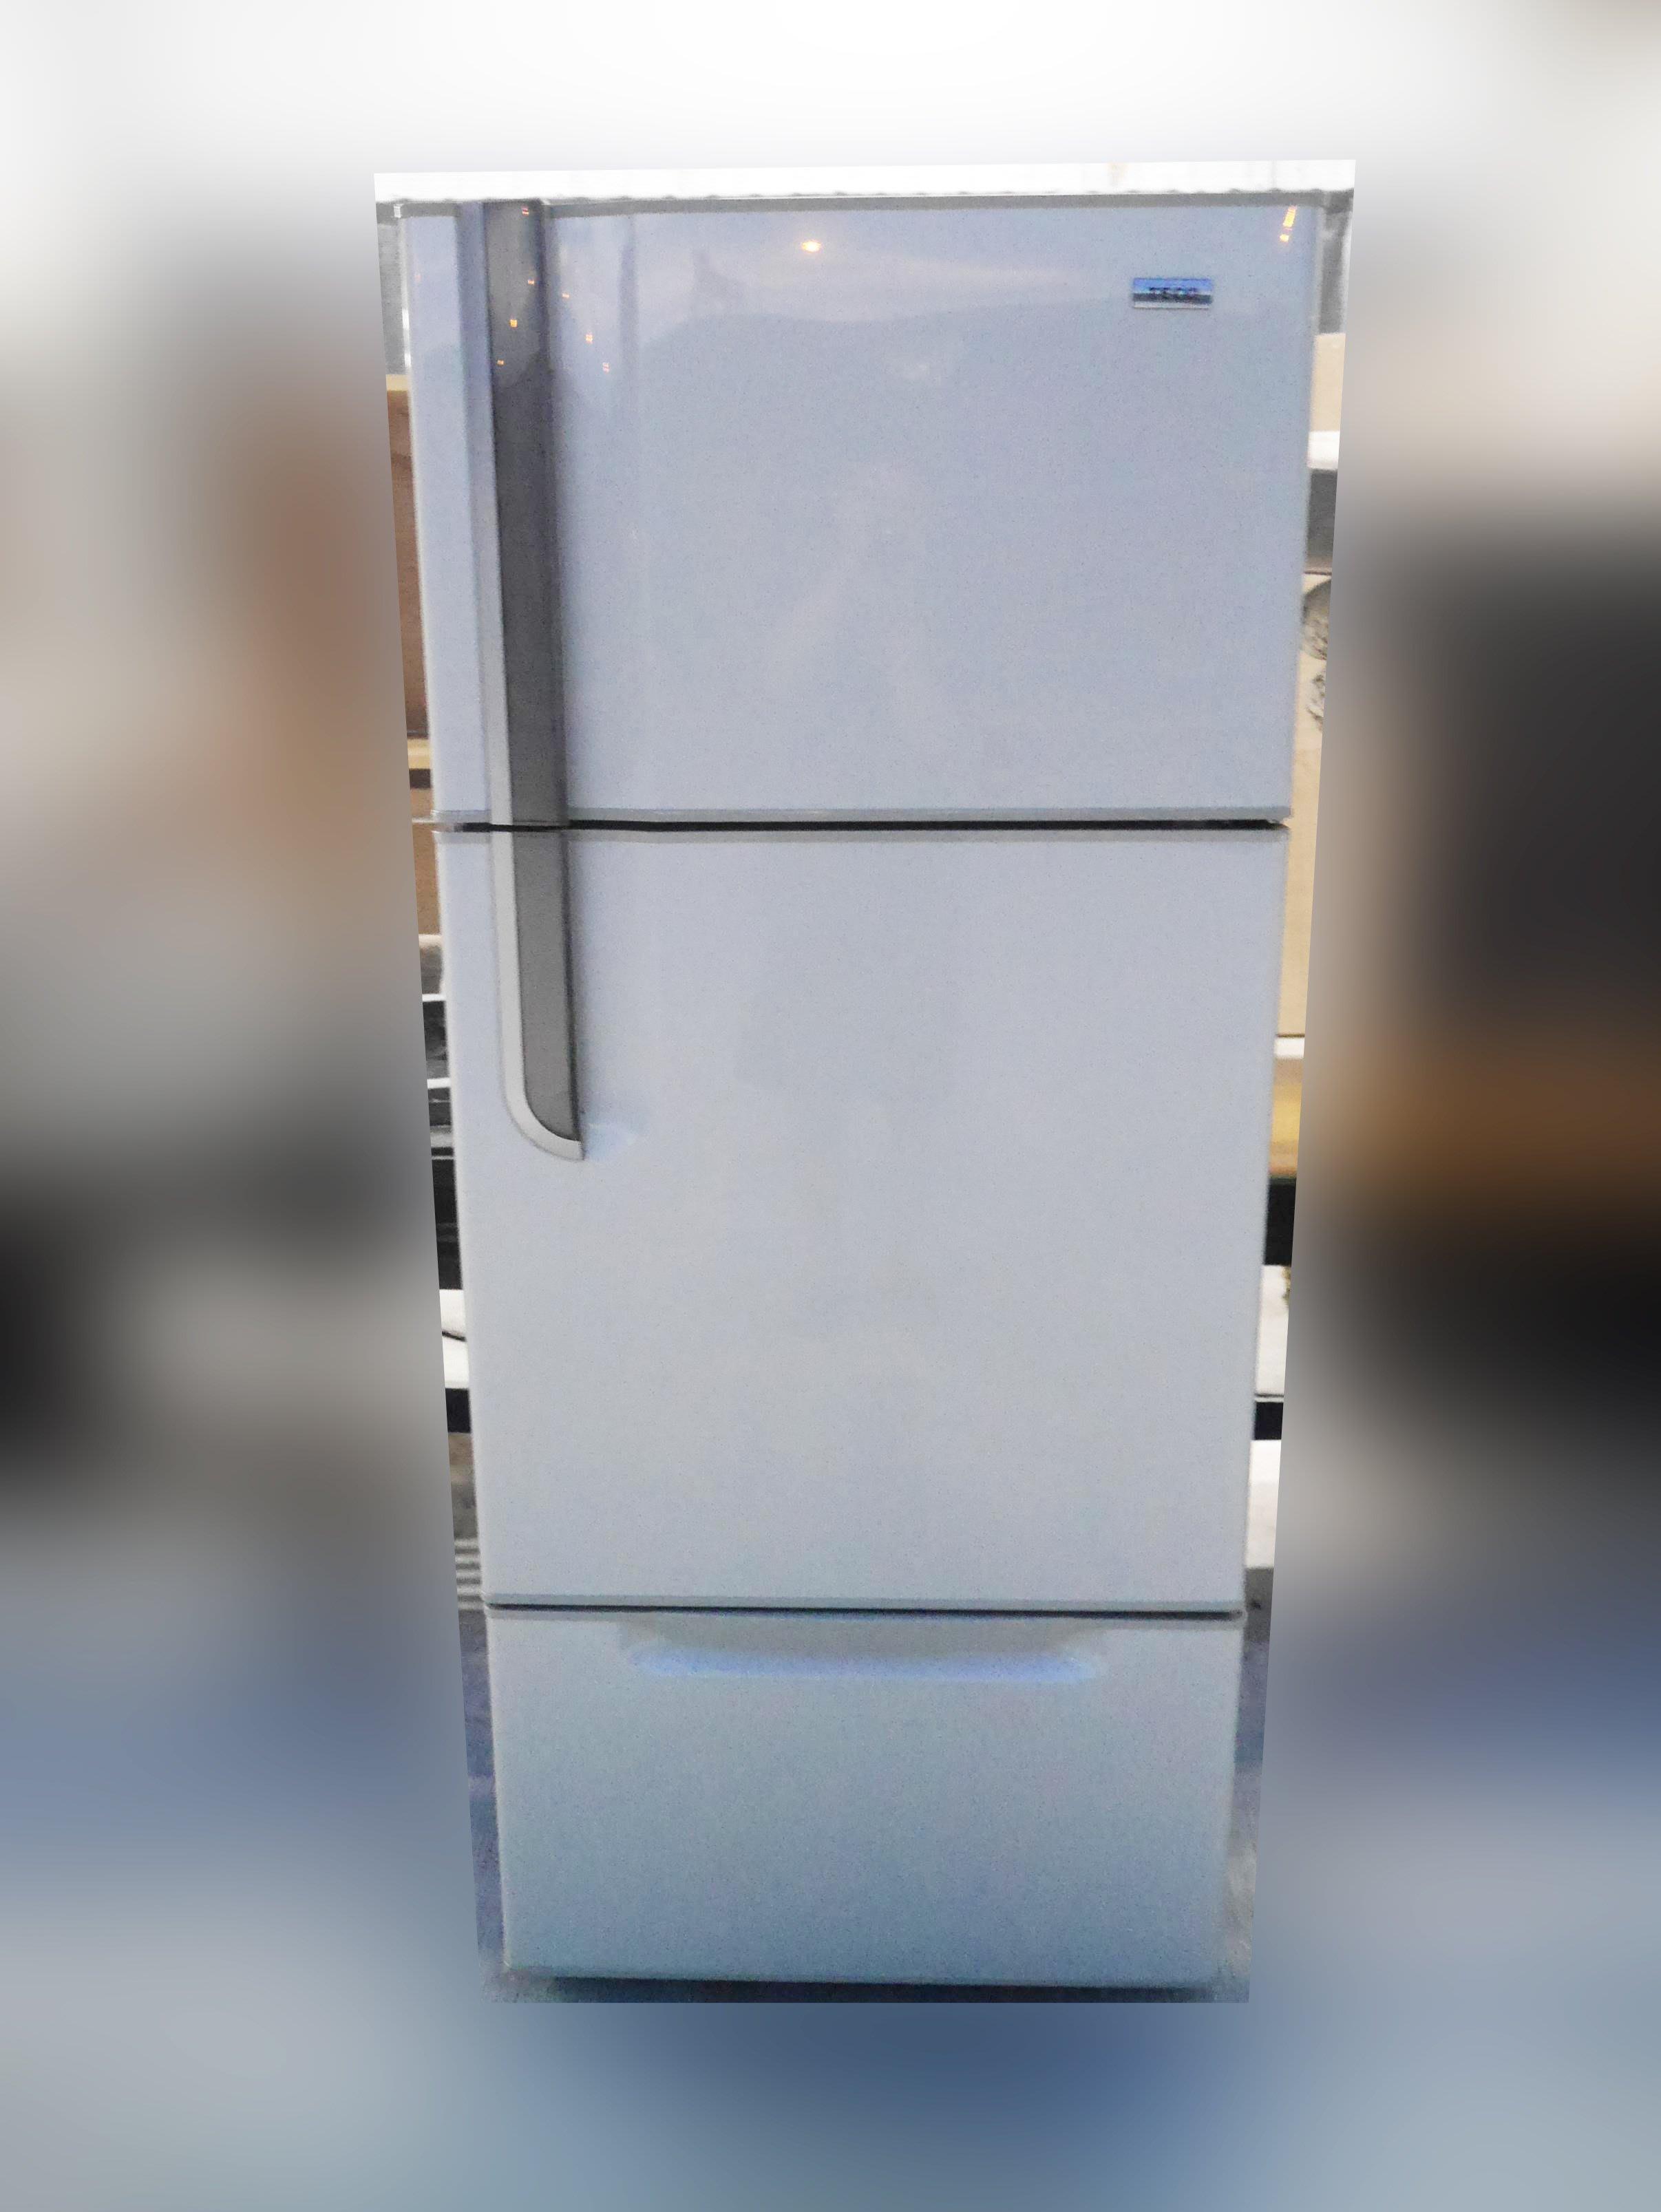 【台北二手家具】百豐悅2手買賣-二手東元金色520公升三門電冰箱 中古家用冰箱 八德二手傢俱買賣南港中古家電買賣